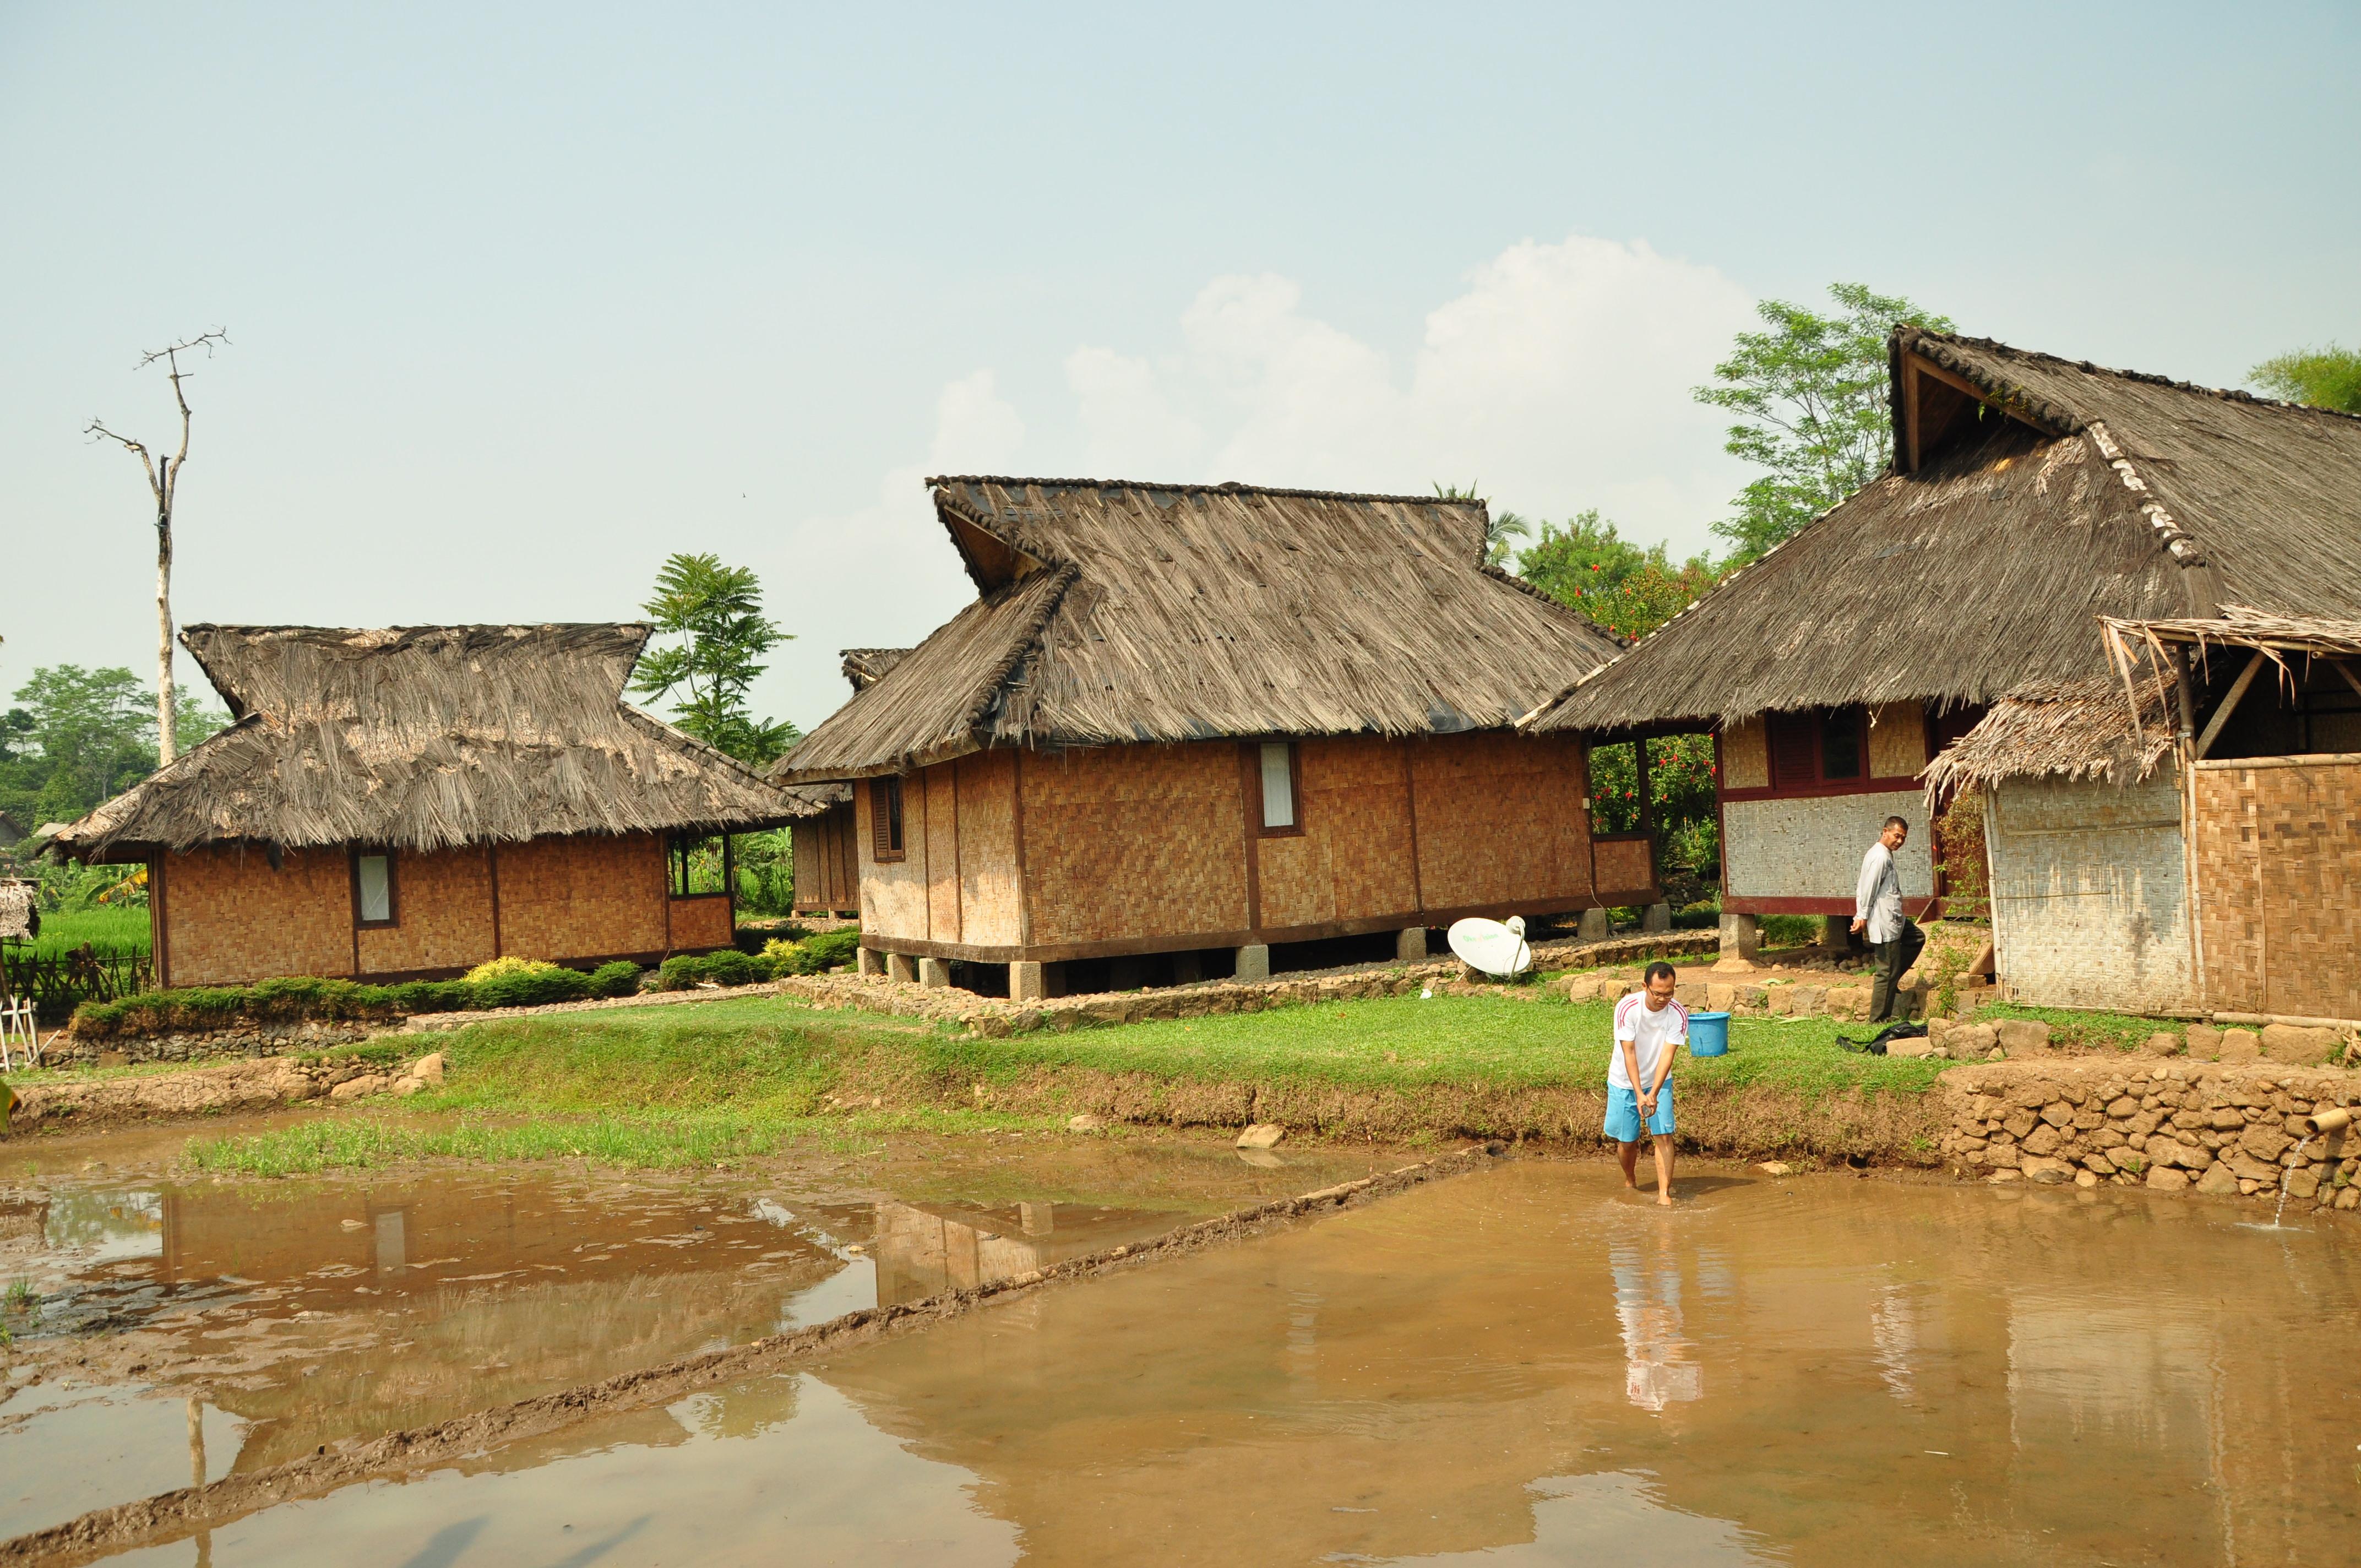 Melihat Kebudayaan Sunda Kampung Wisata Sindangbarang Pecintawisata Kita Budaya Kab